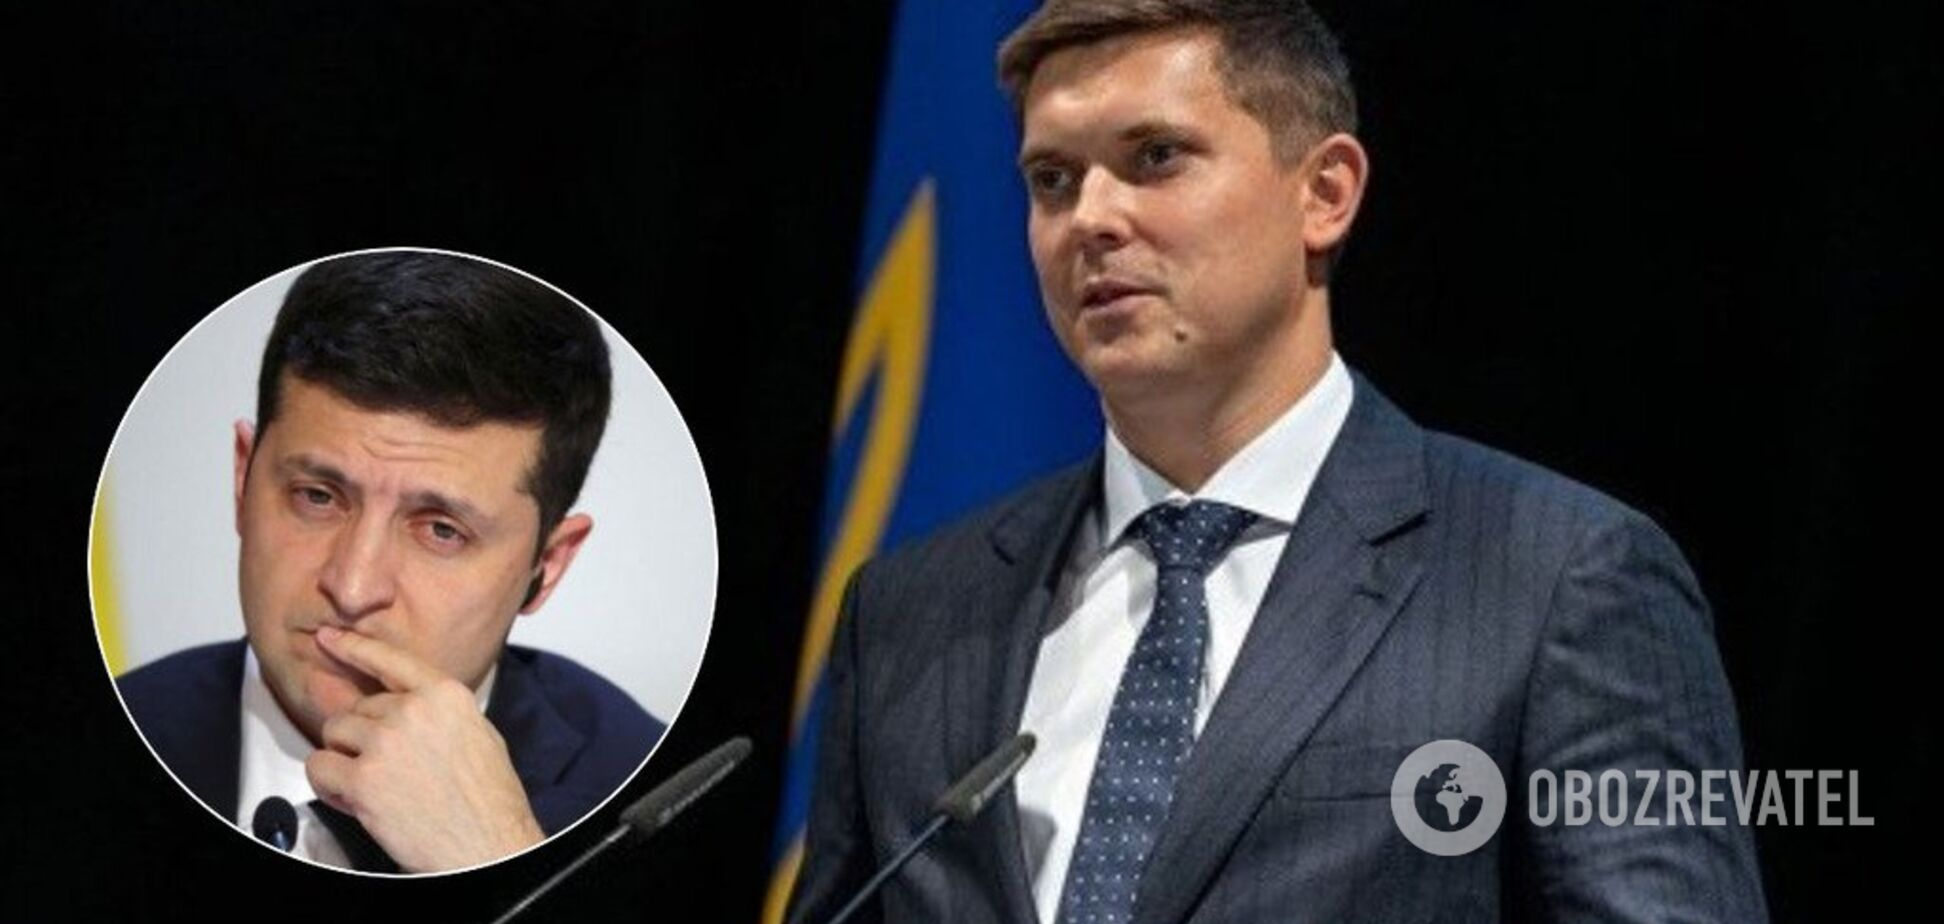 Получает откаты и не занимается регионом: одесситы обратились к Зеленскому из-за нового главы ОГА